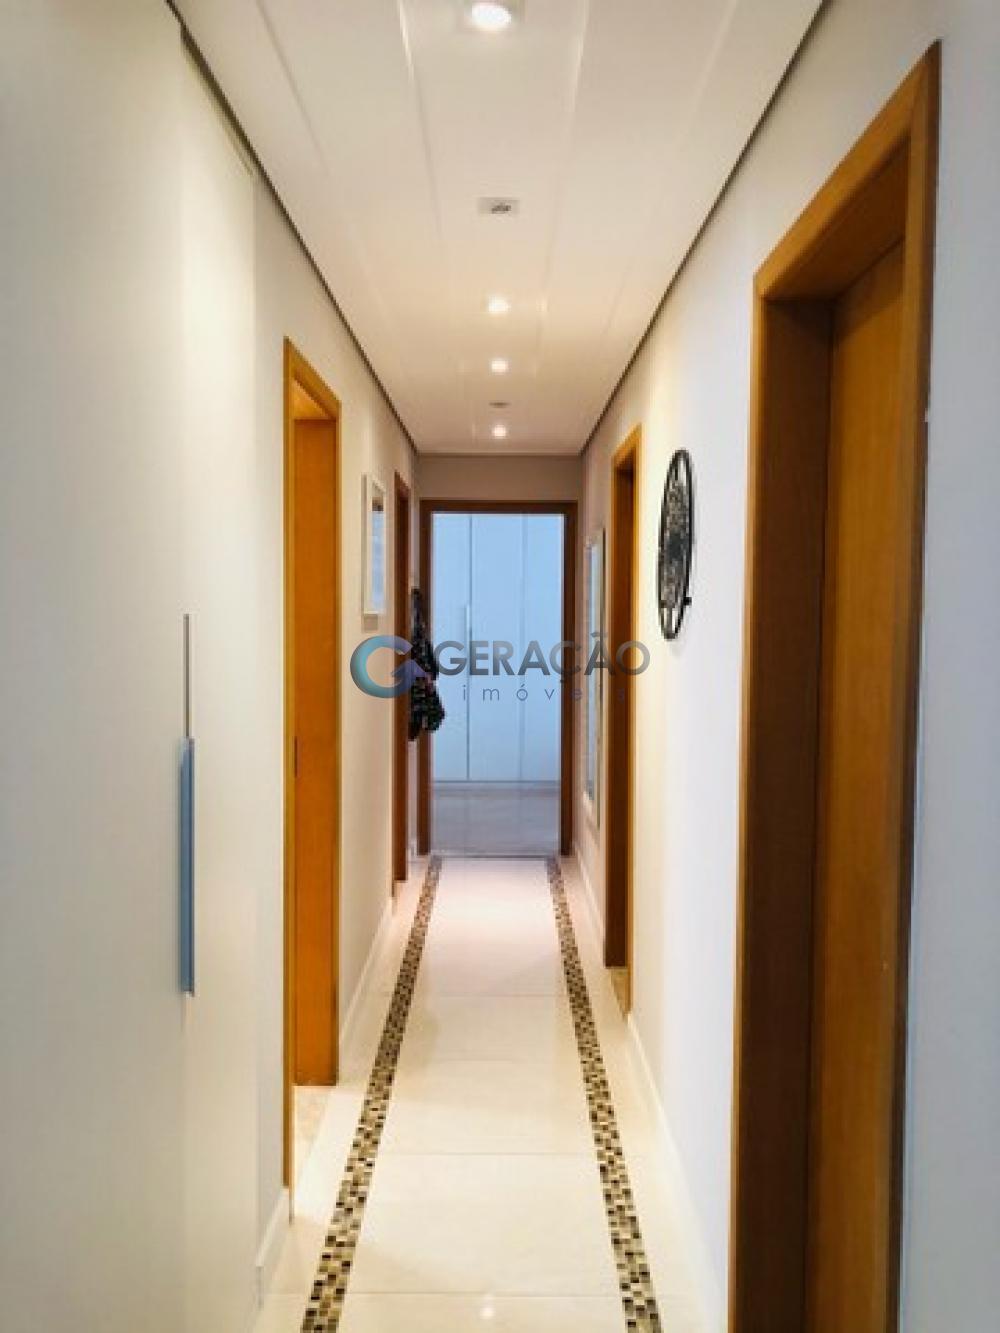 Comprar Apartamento / Padrão em São José dos Campos R$ 756.000,00 - Foto 6